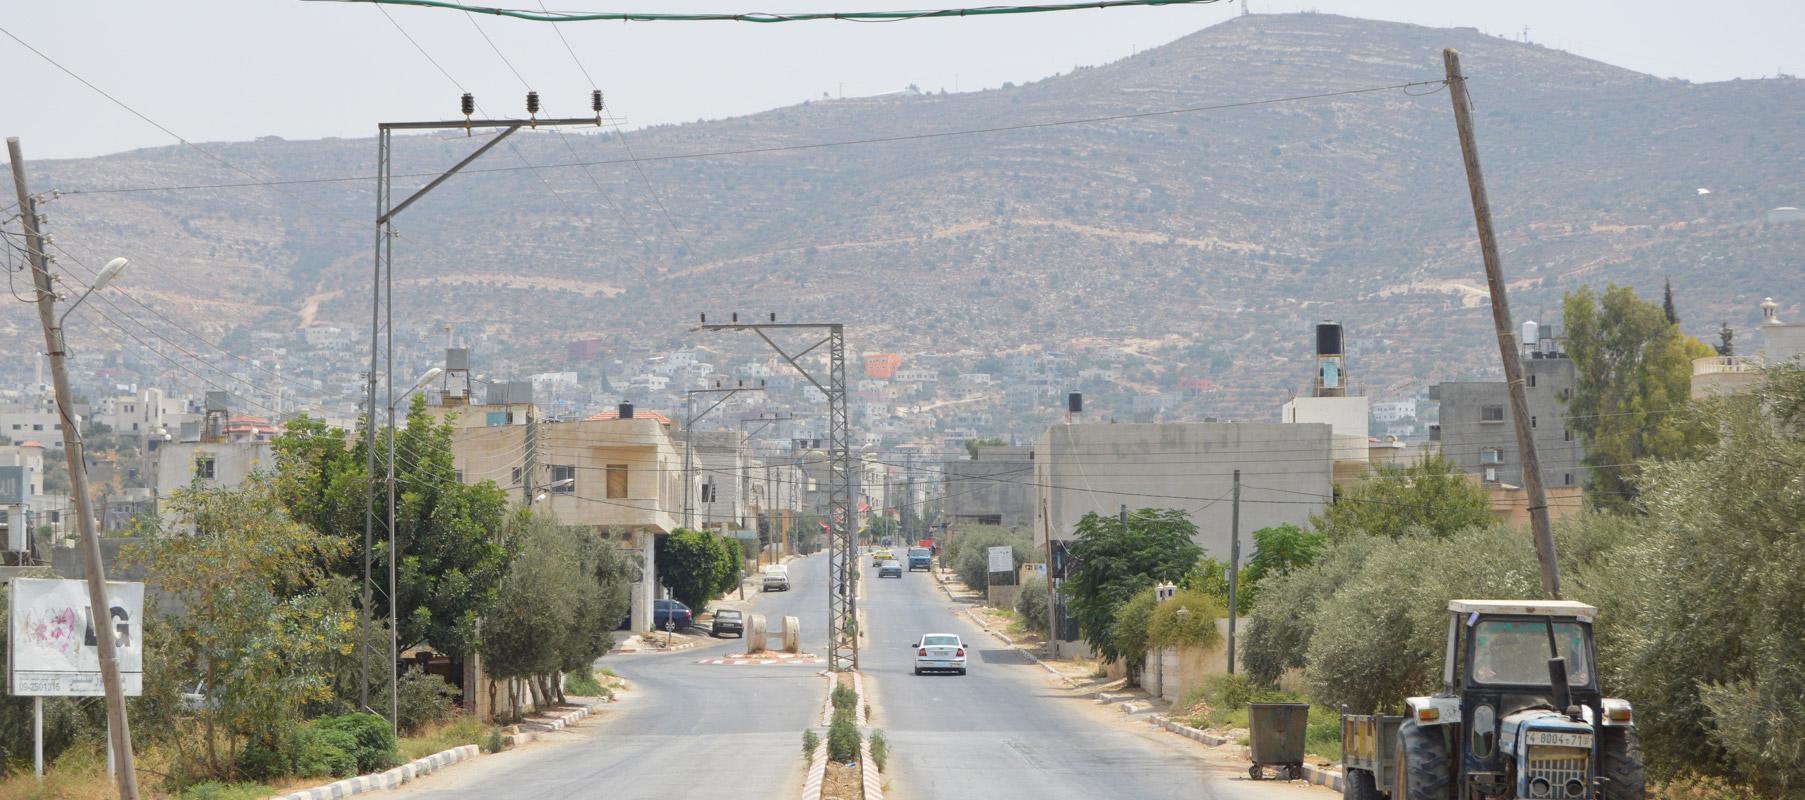 Beit Furik, Palestine